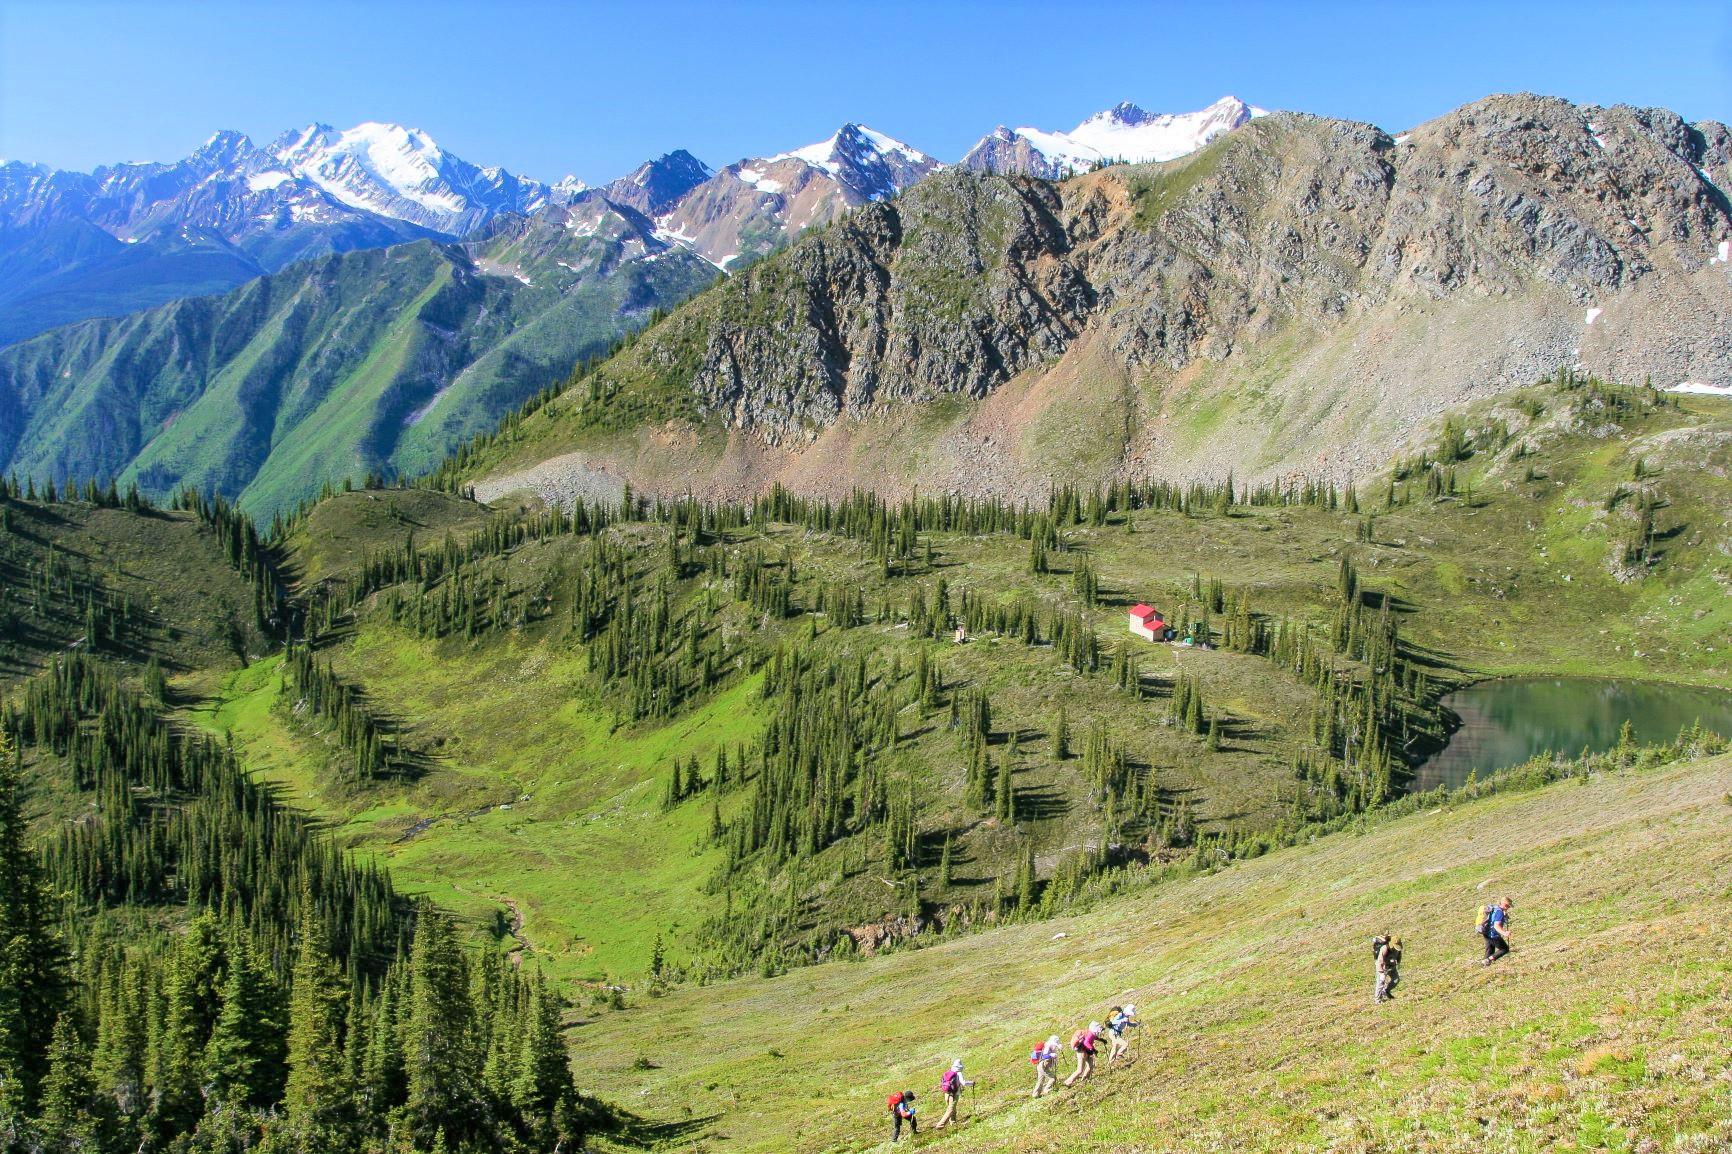 山小屋から山小屋をつなぐ変化に富んだルートを歩く